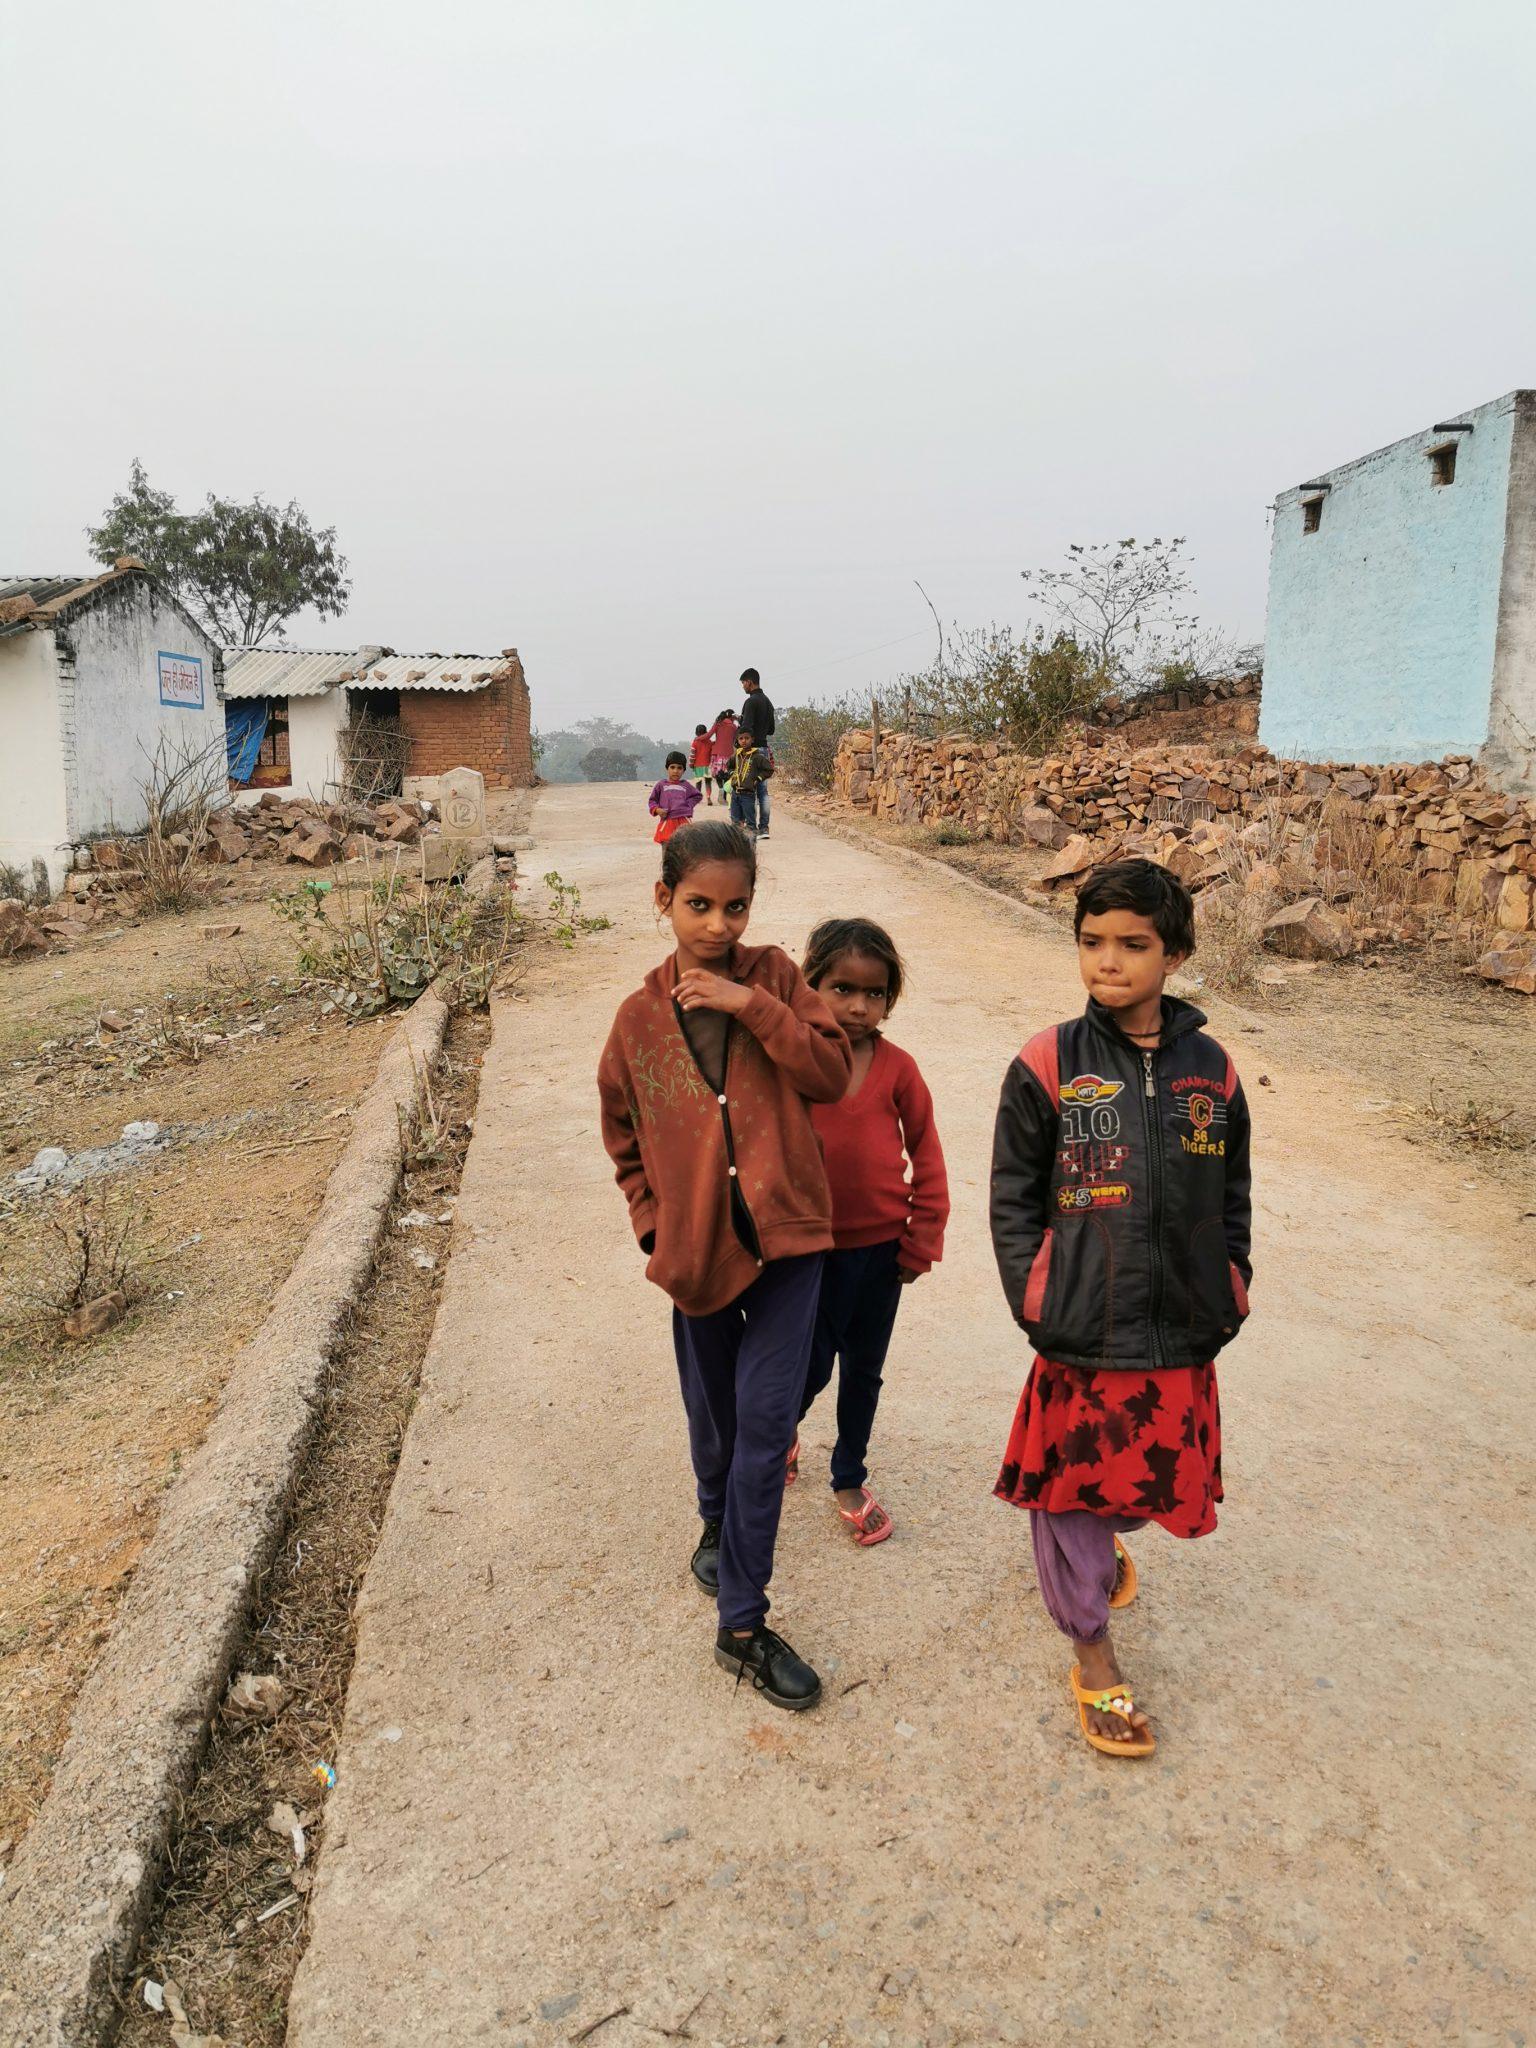 Locals in India